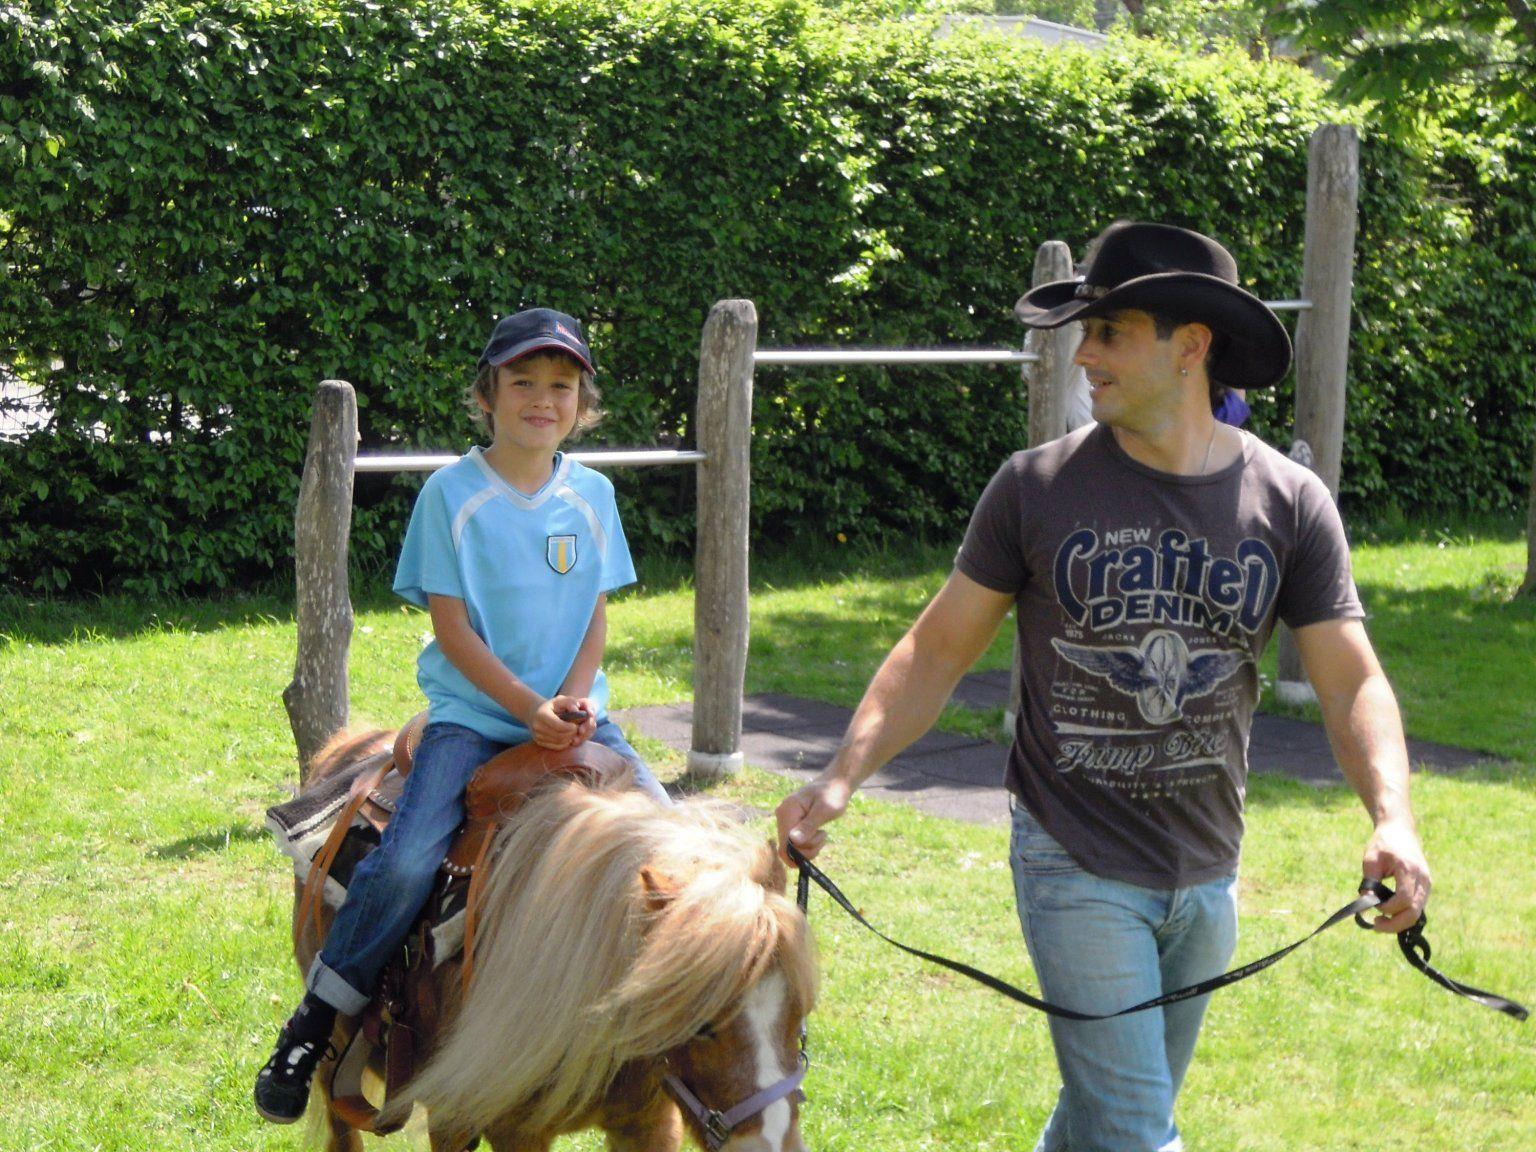 Großer Cowboy und Kleiner Danilo